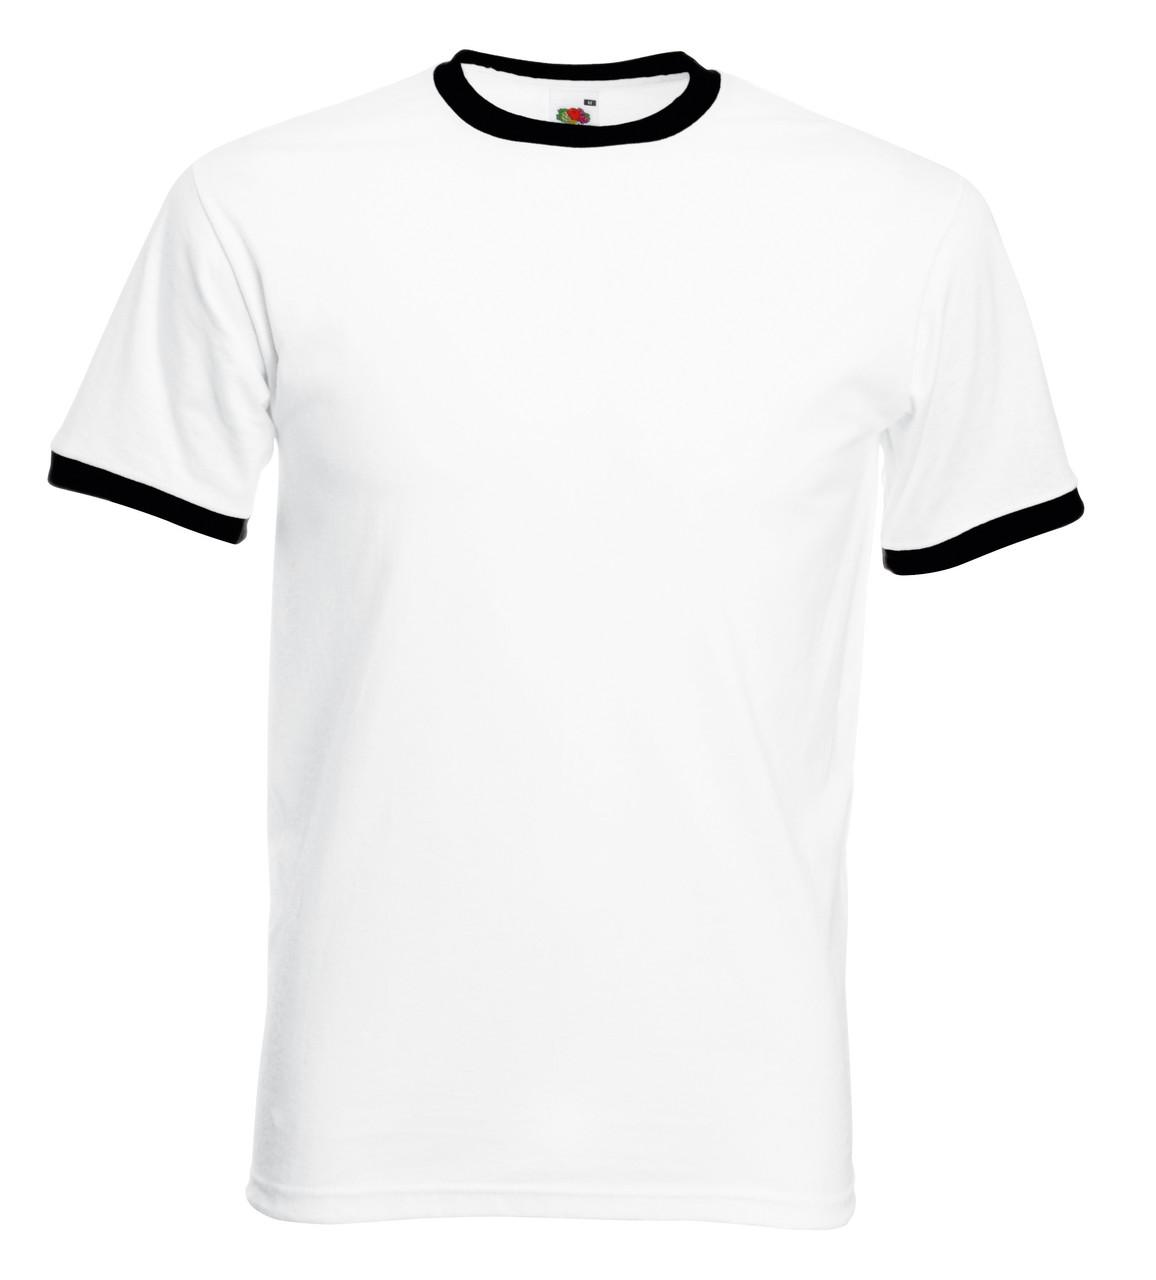 Мужская Футболка с Цветной Окантовкой Fruit of the loom Белый/Чёрный 61-168-Th L